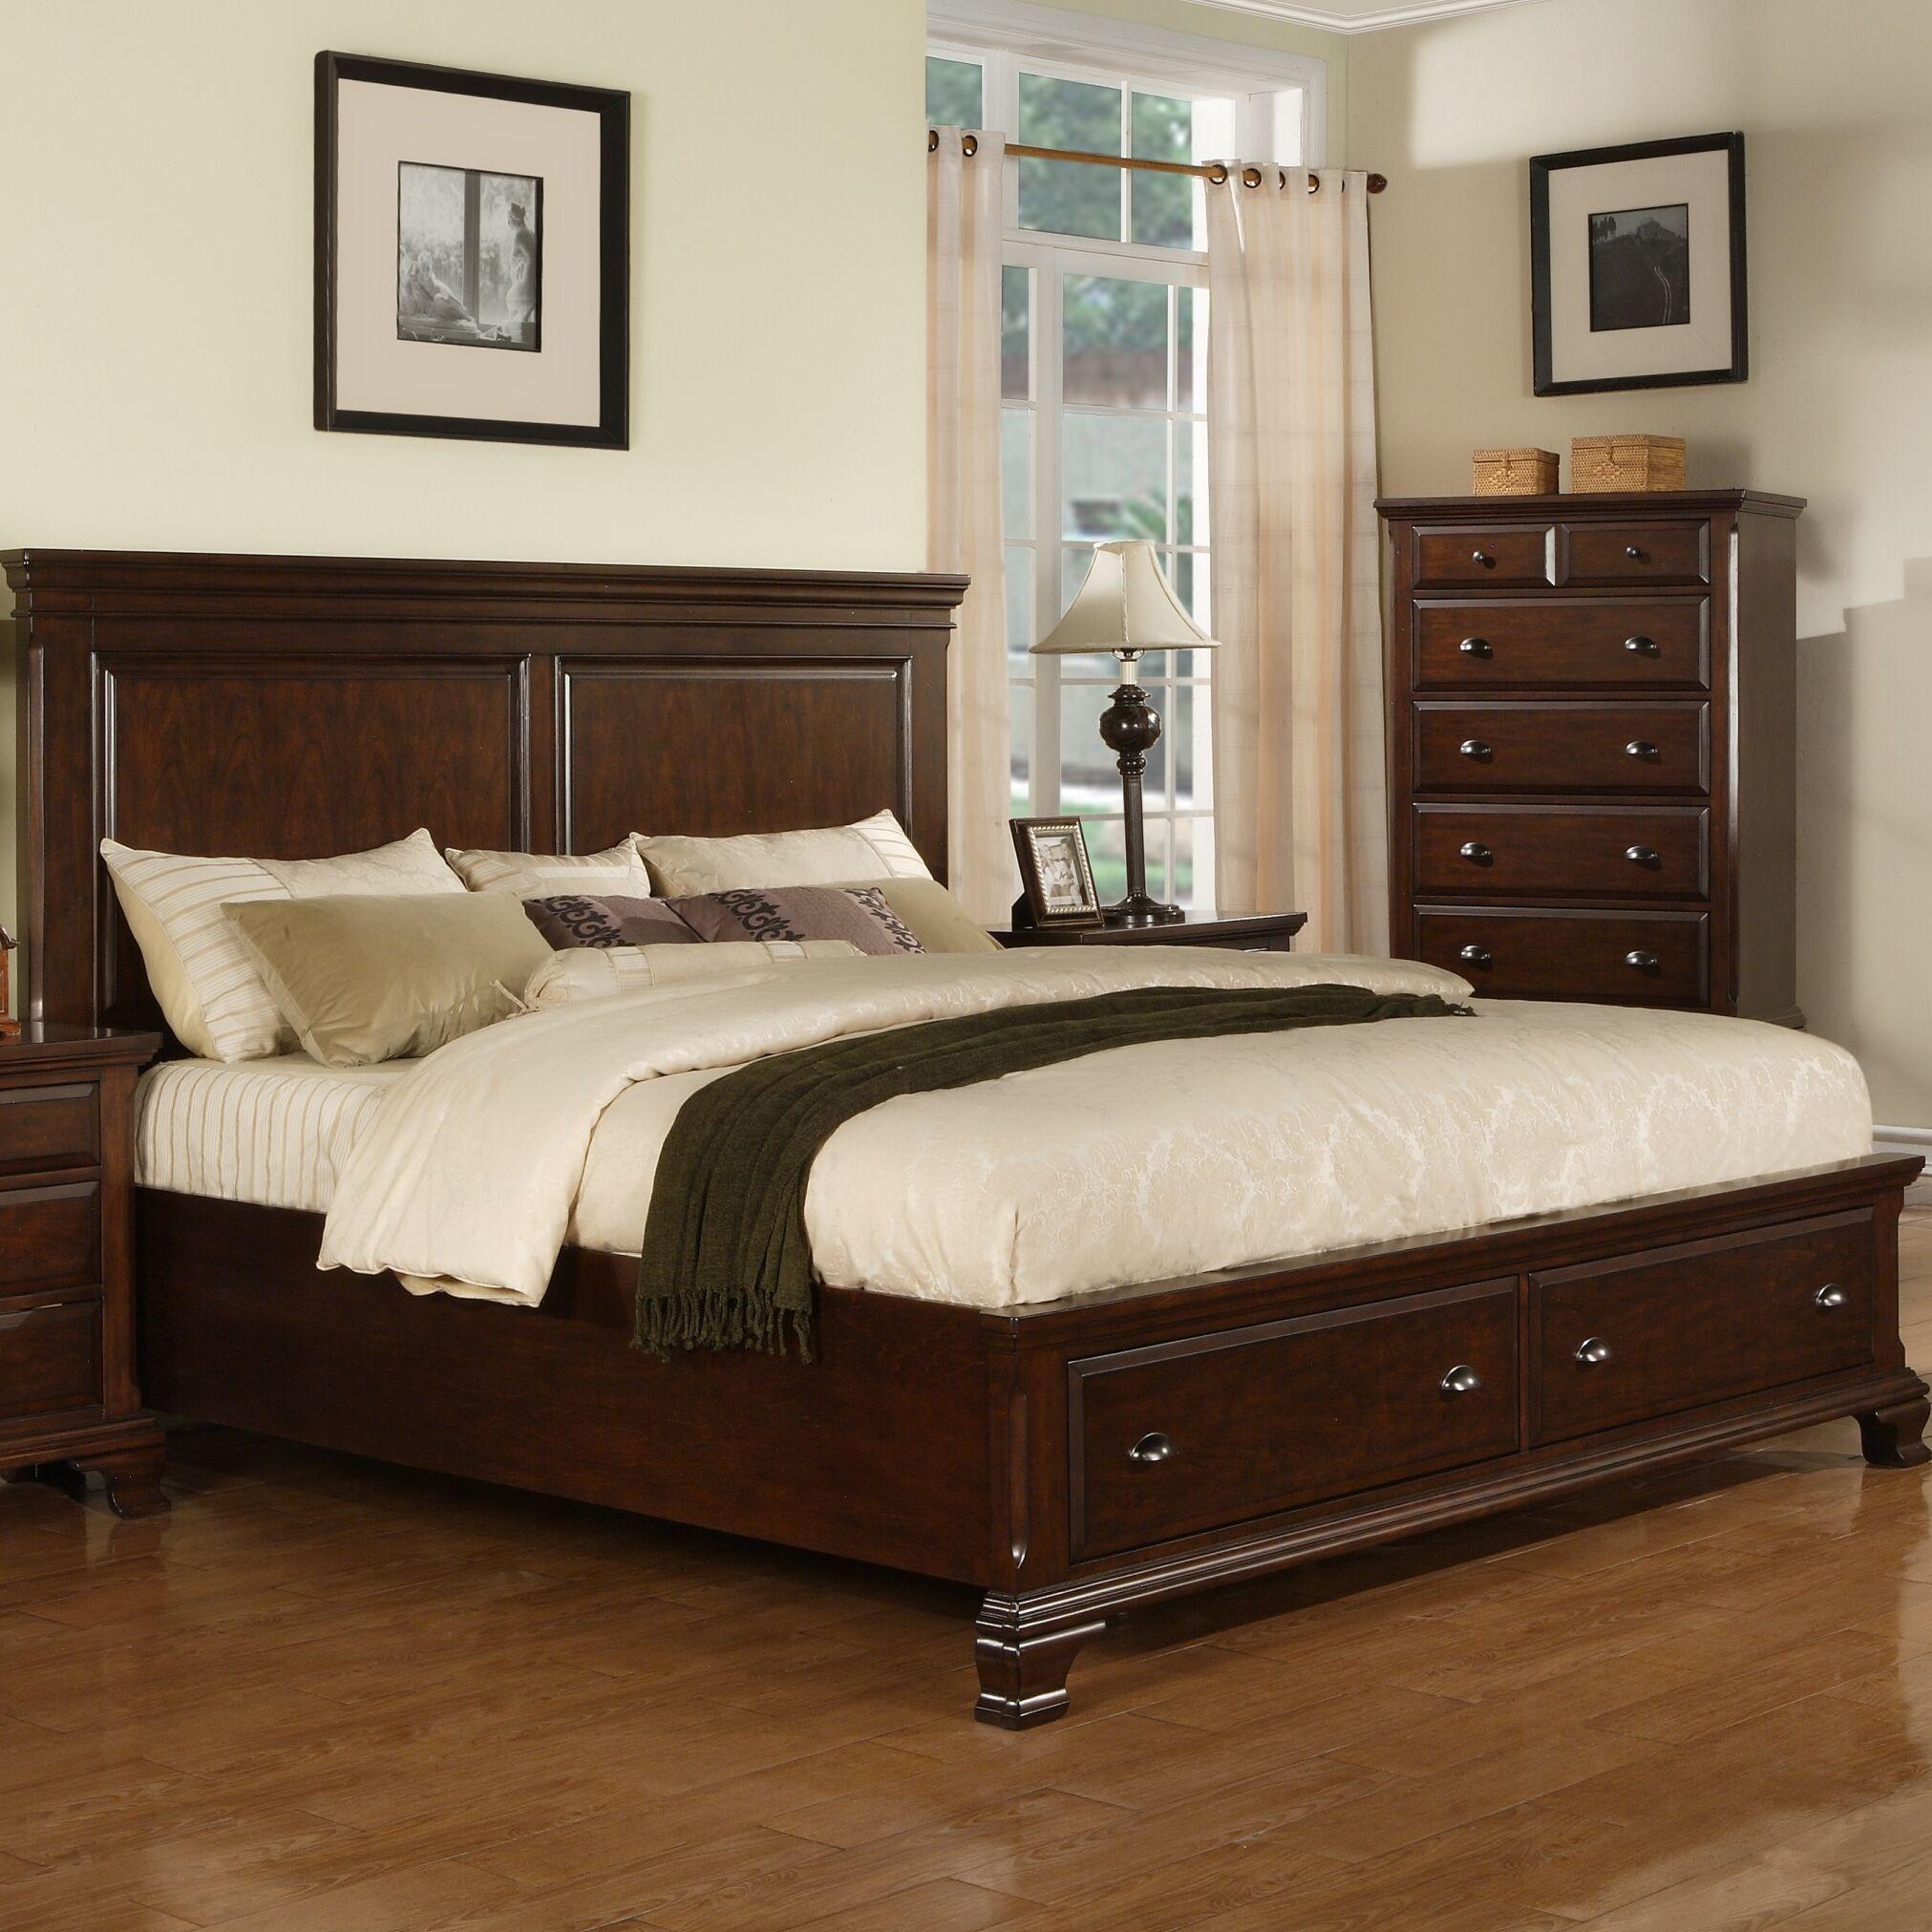 Plattsburgh Panel Bed Size: Queen